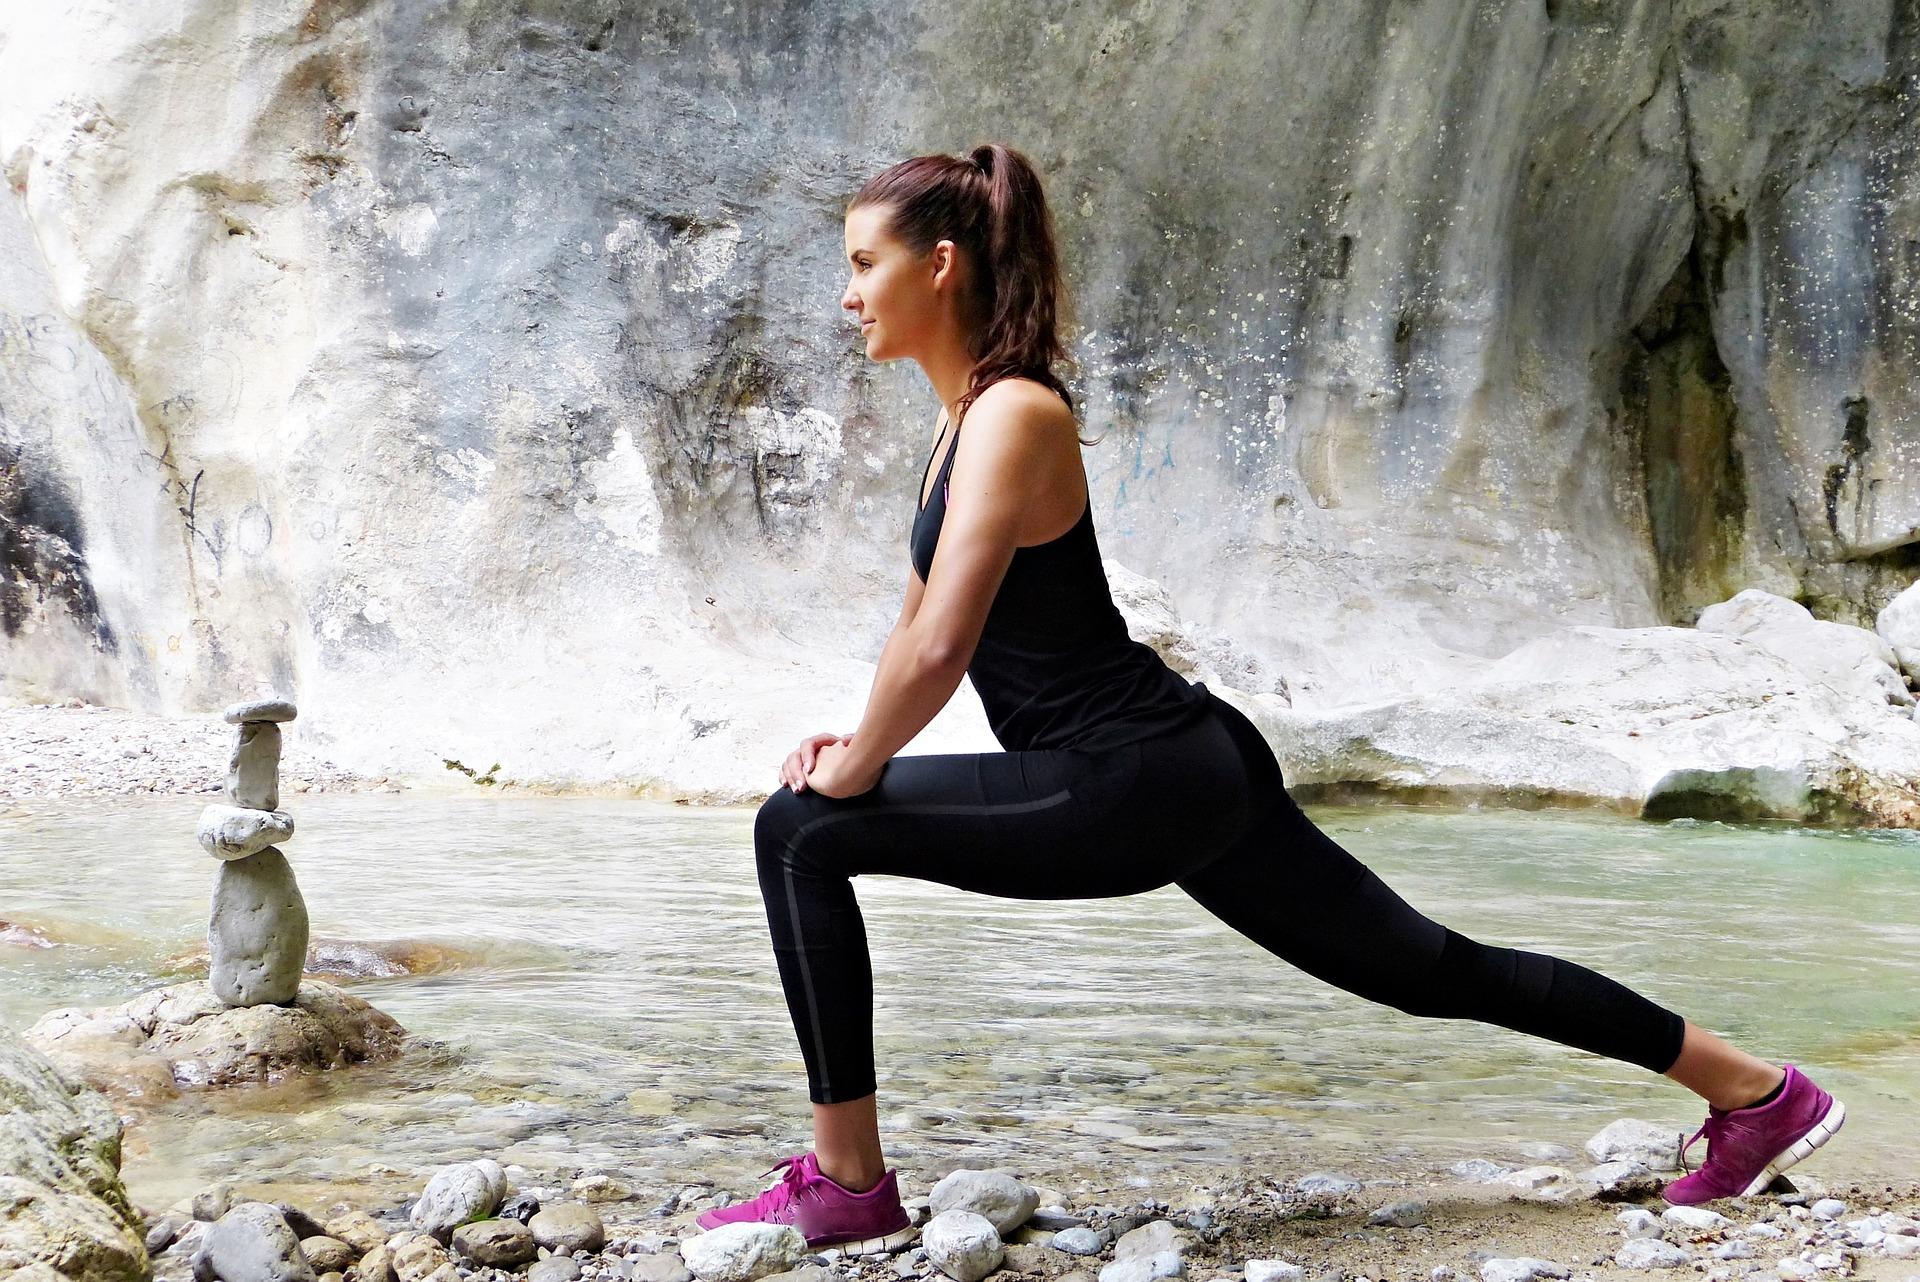 滝の前でストレッチをしている女性